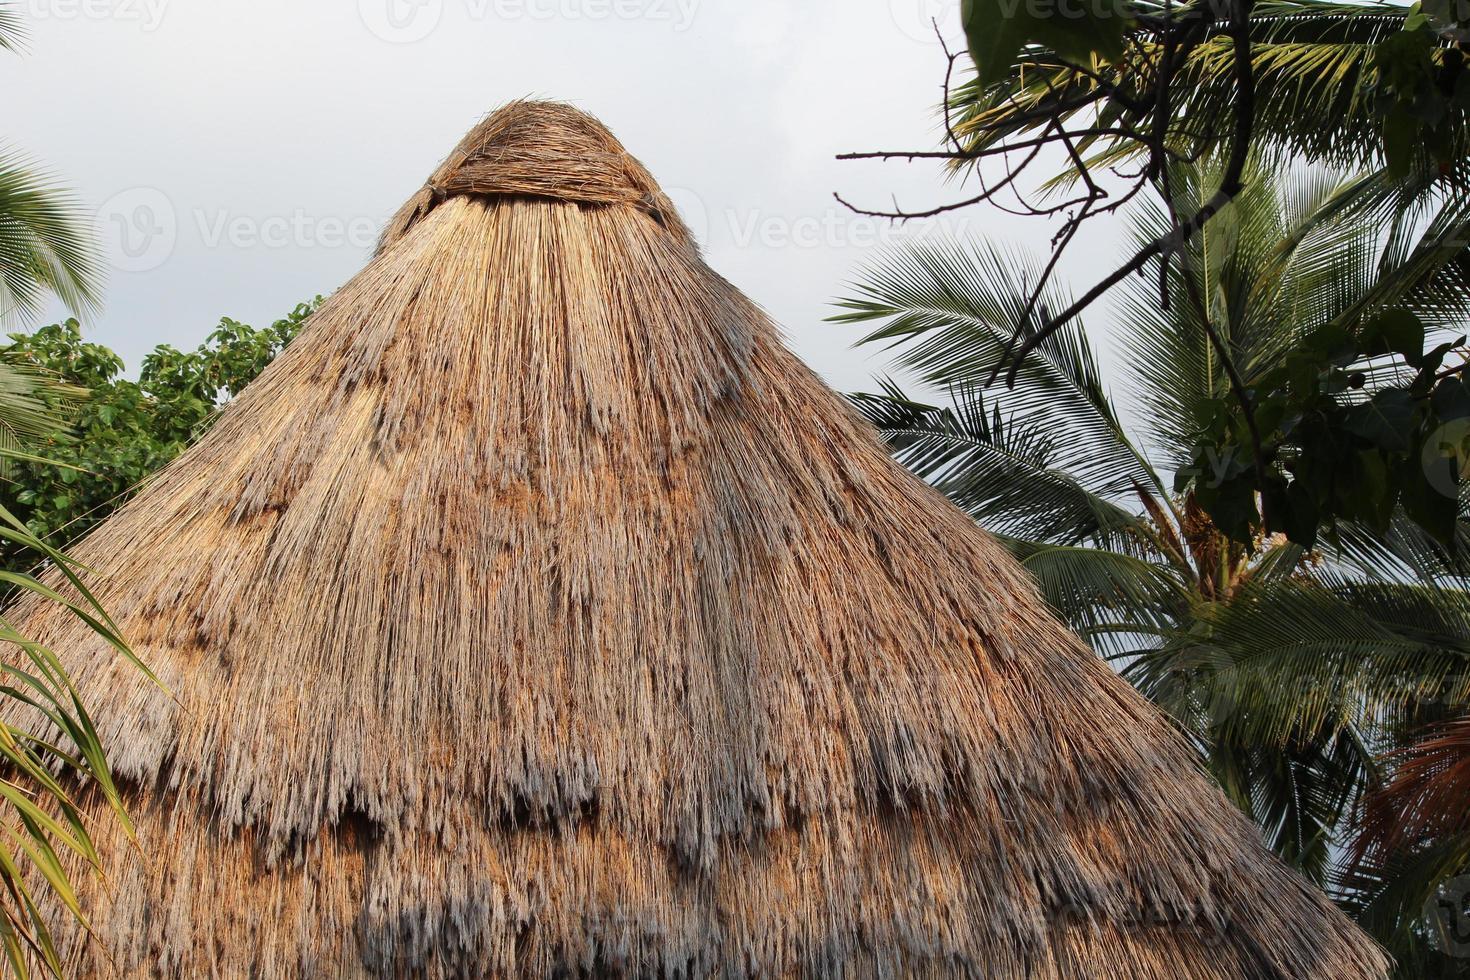 capanna hawaiana foto